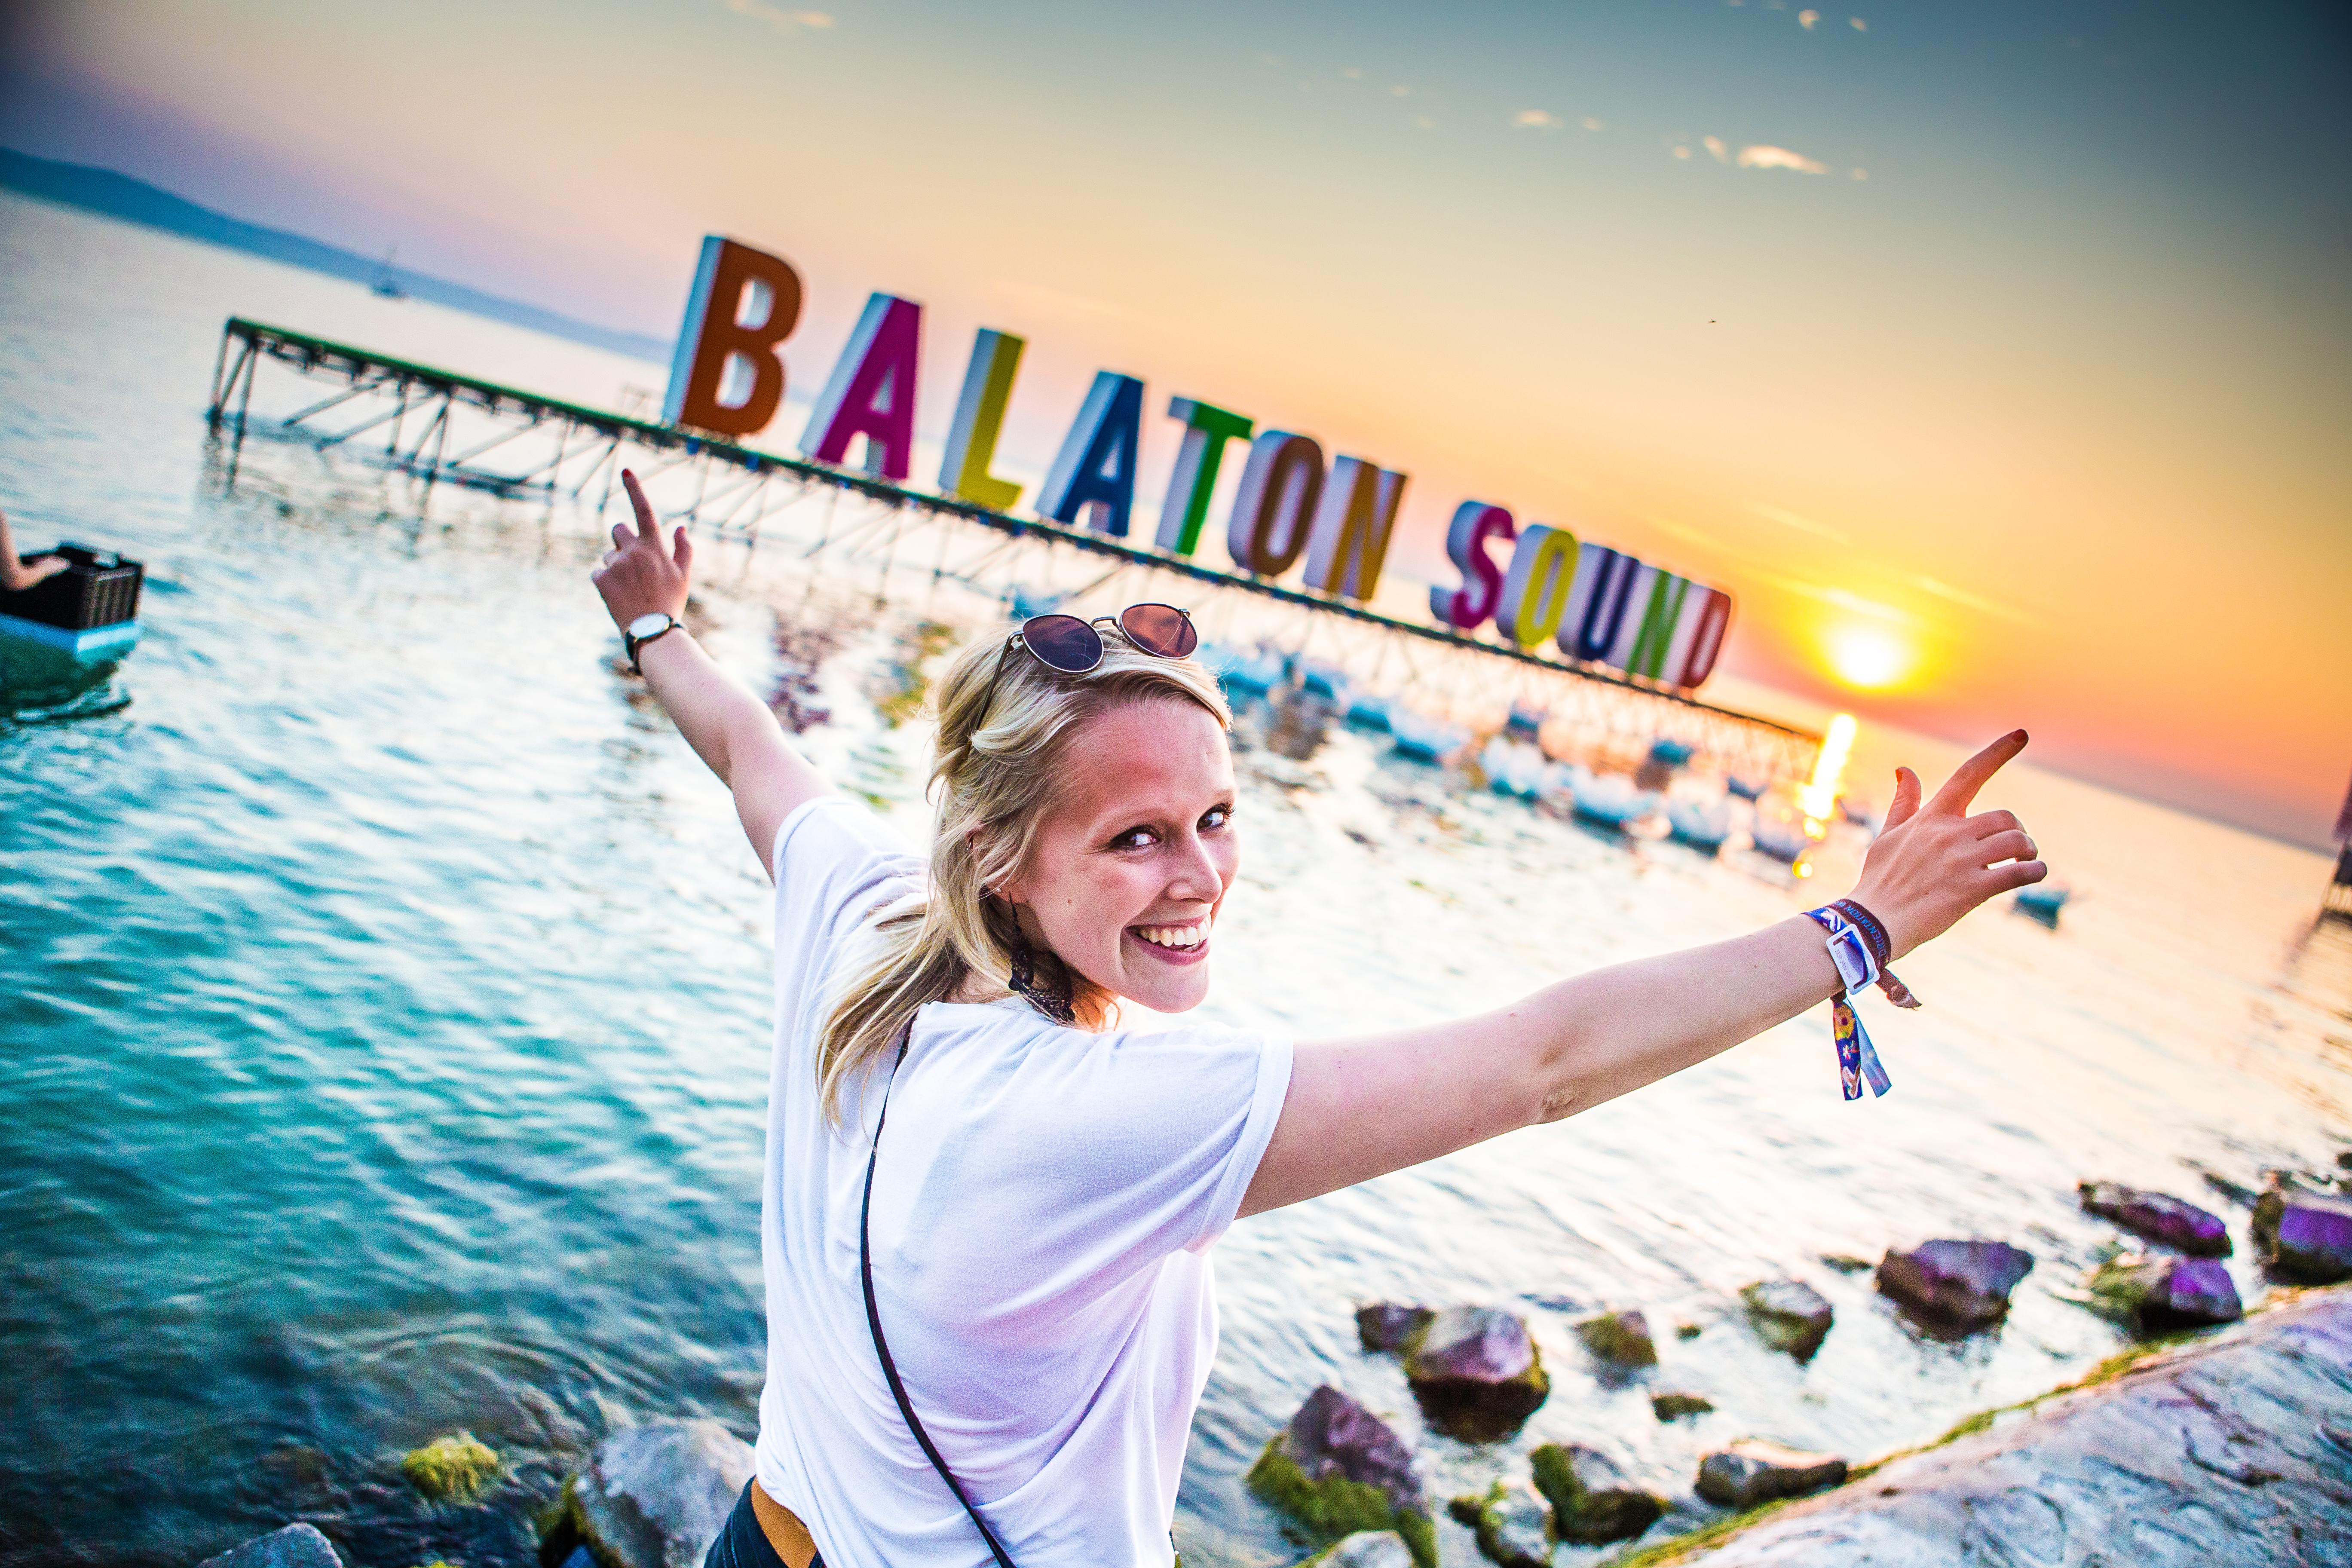 Balatonsound